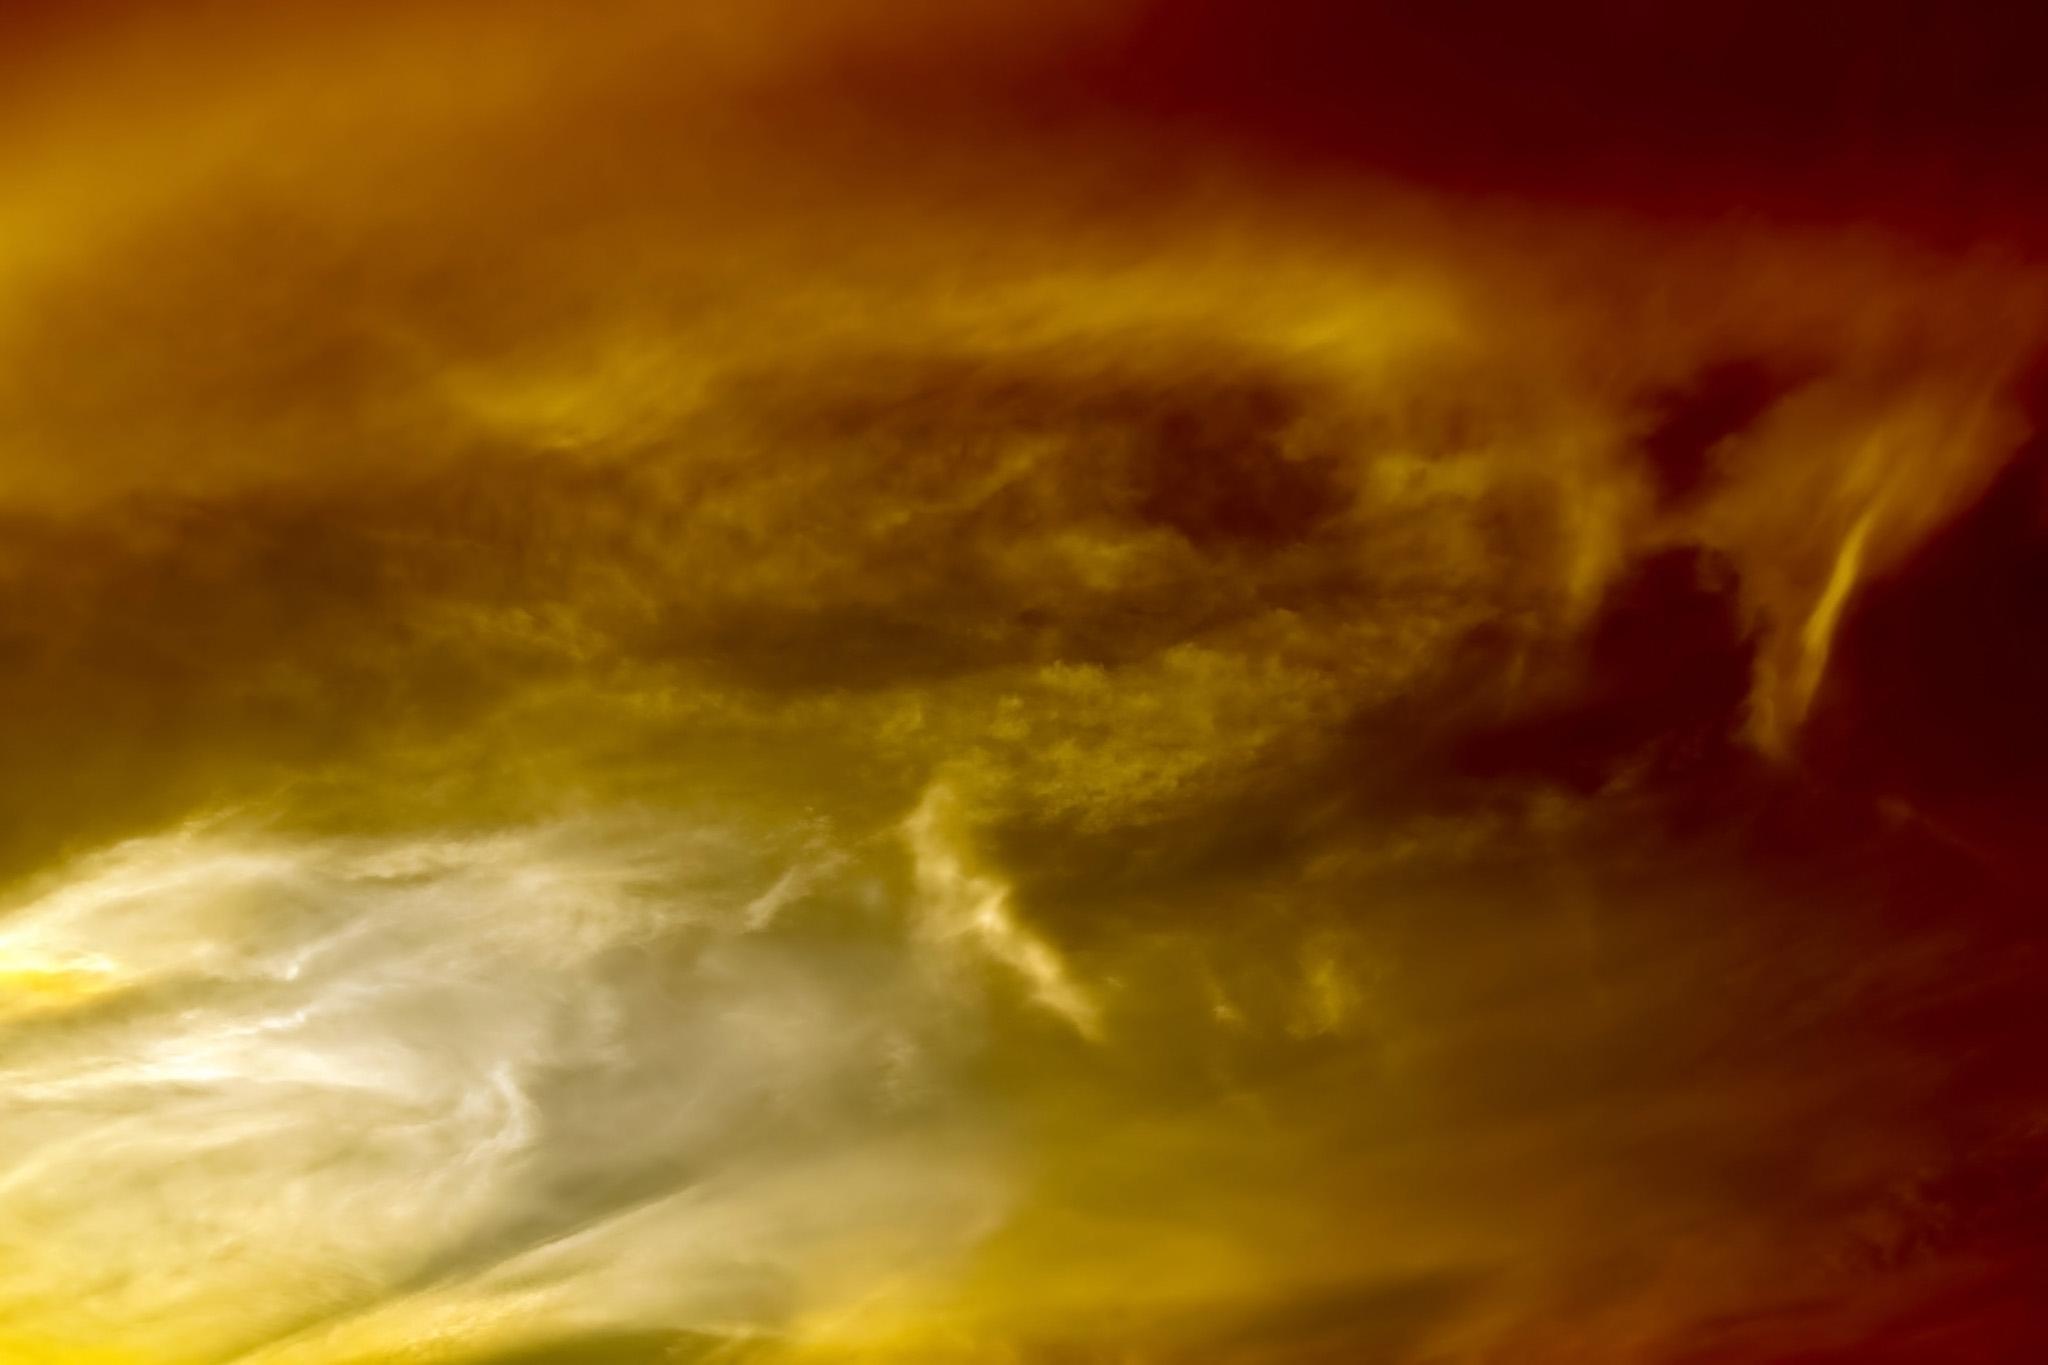 「黄金色に輝く壮麗な夕焼け」